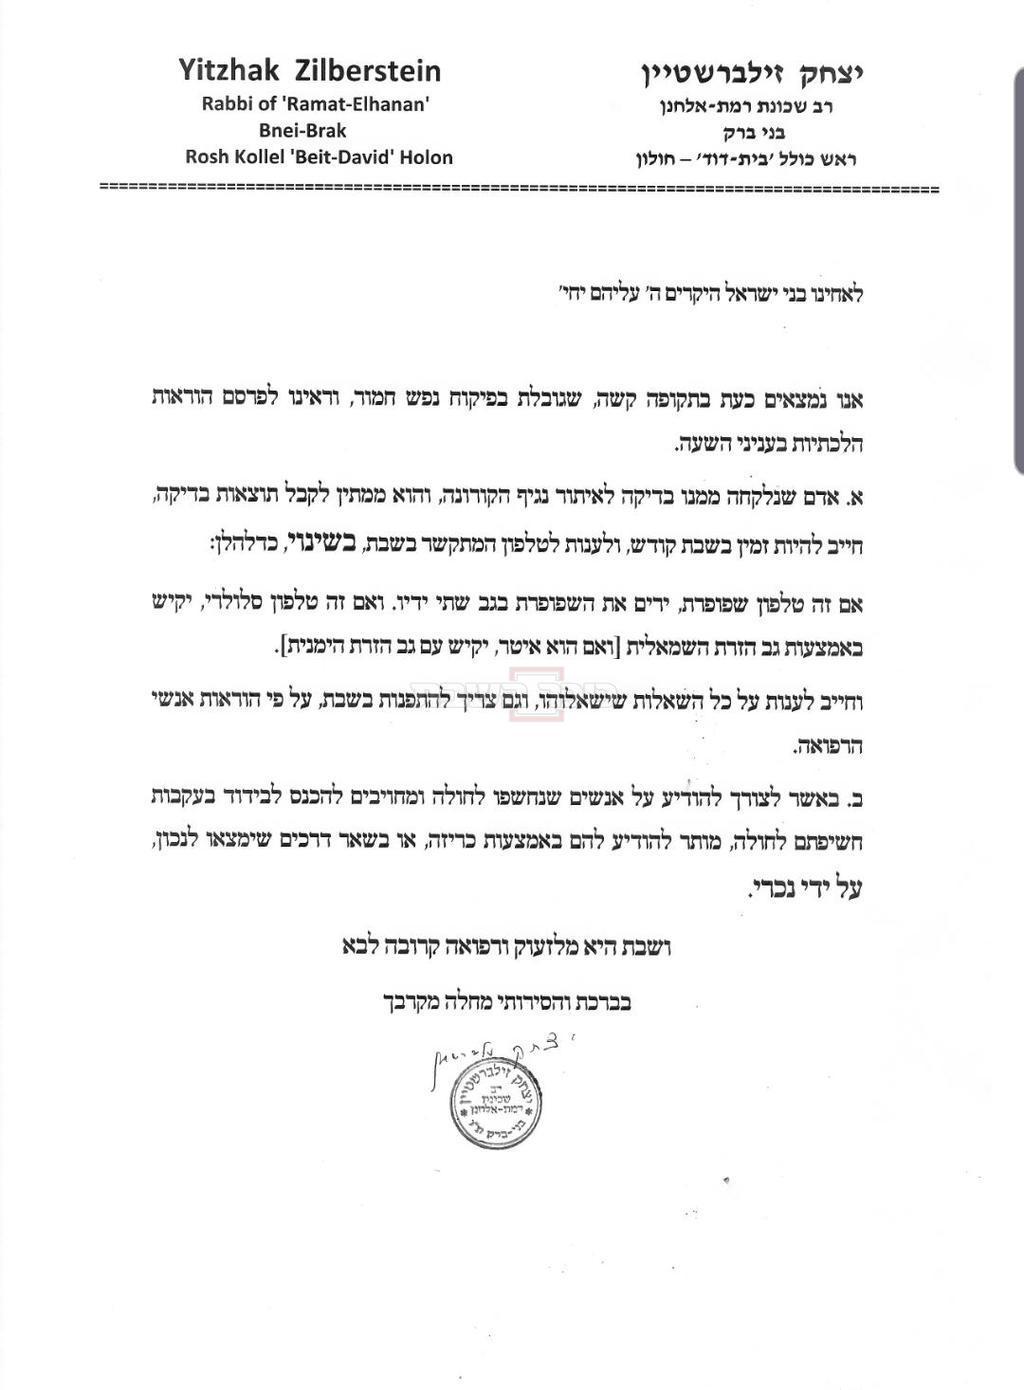 המכתב המלא של הרב זילברשטיין